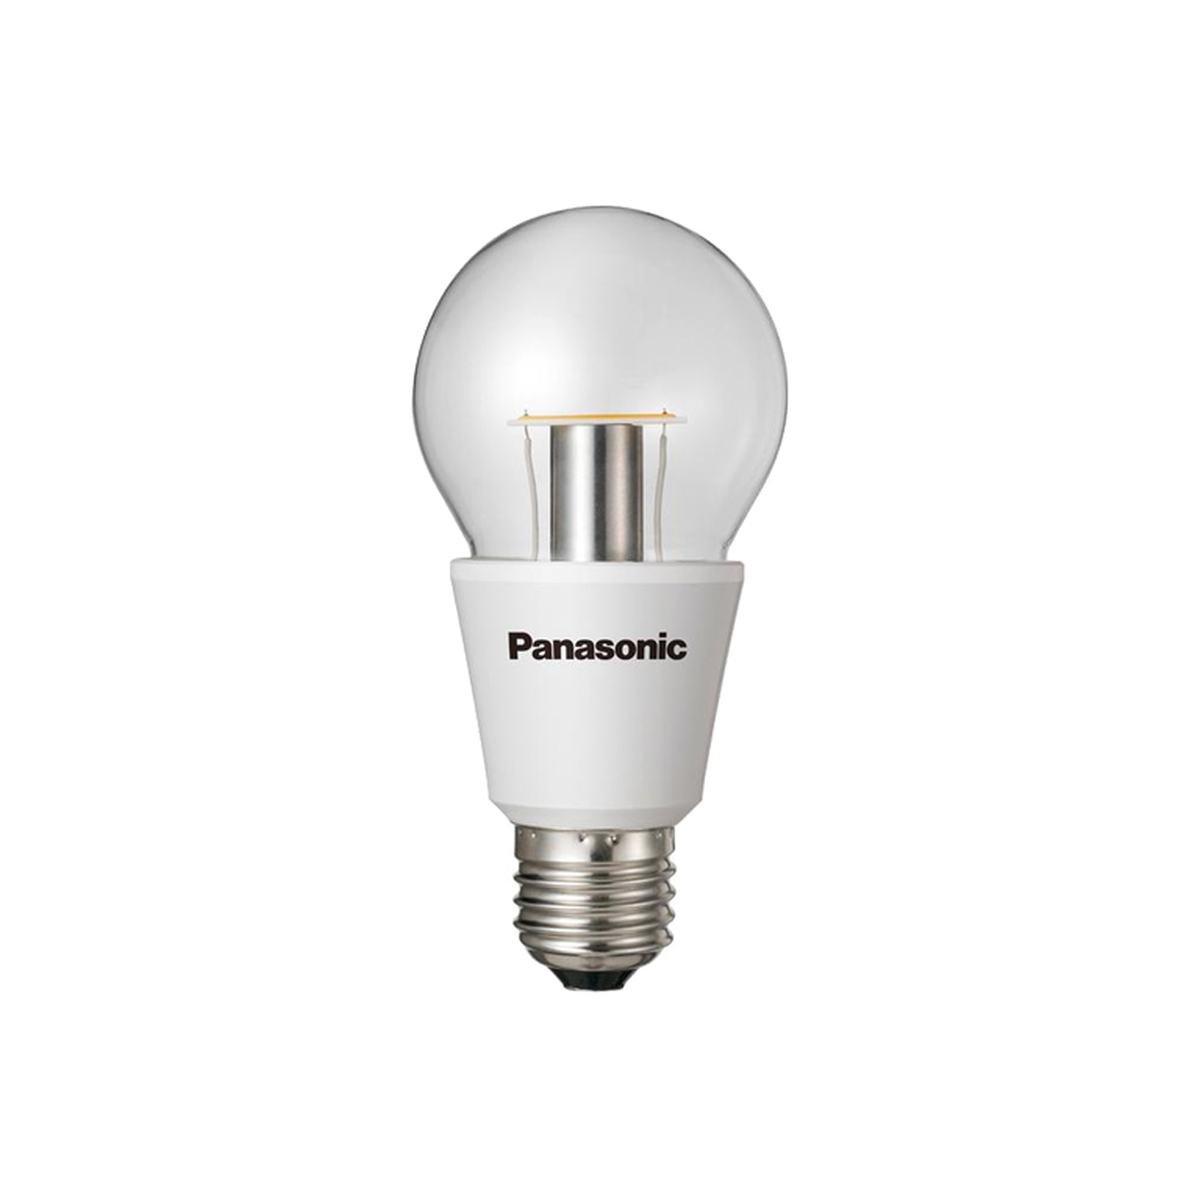 LED lampa klar 10W (60W) E27 ej dämpbar